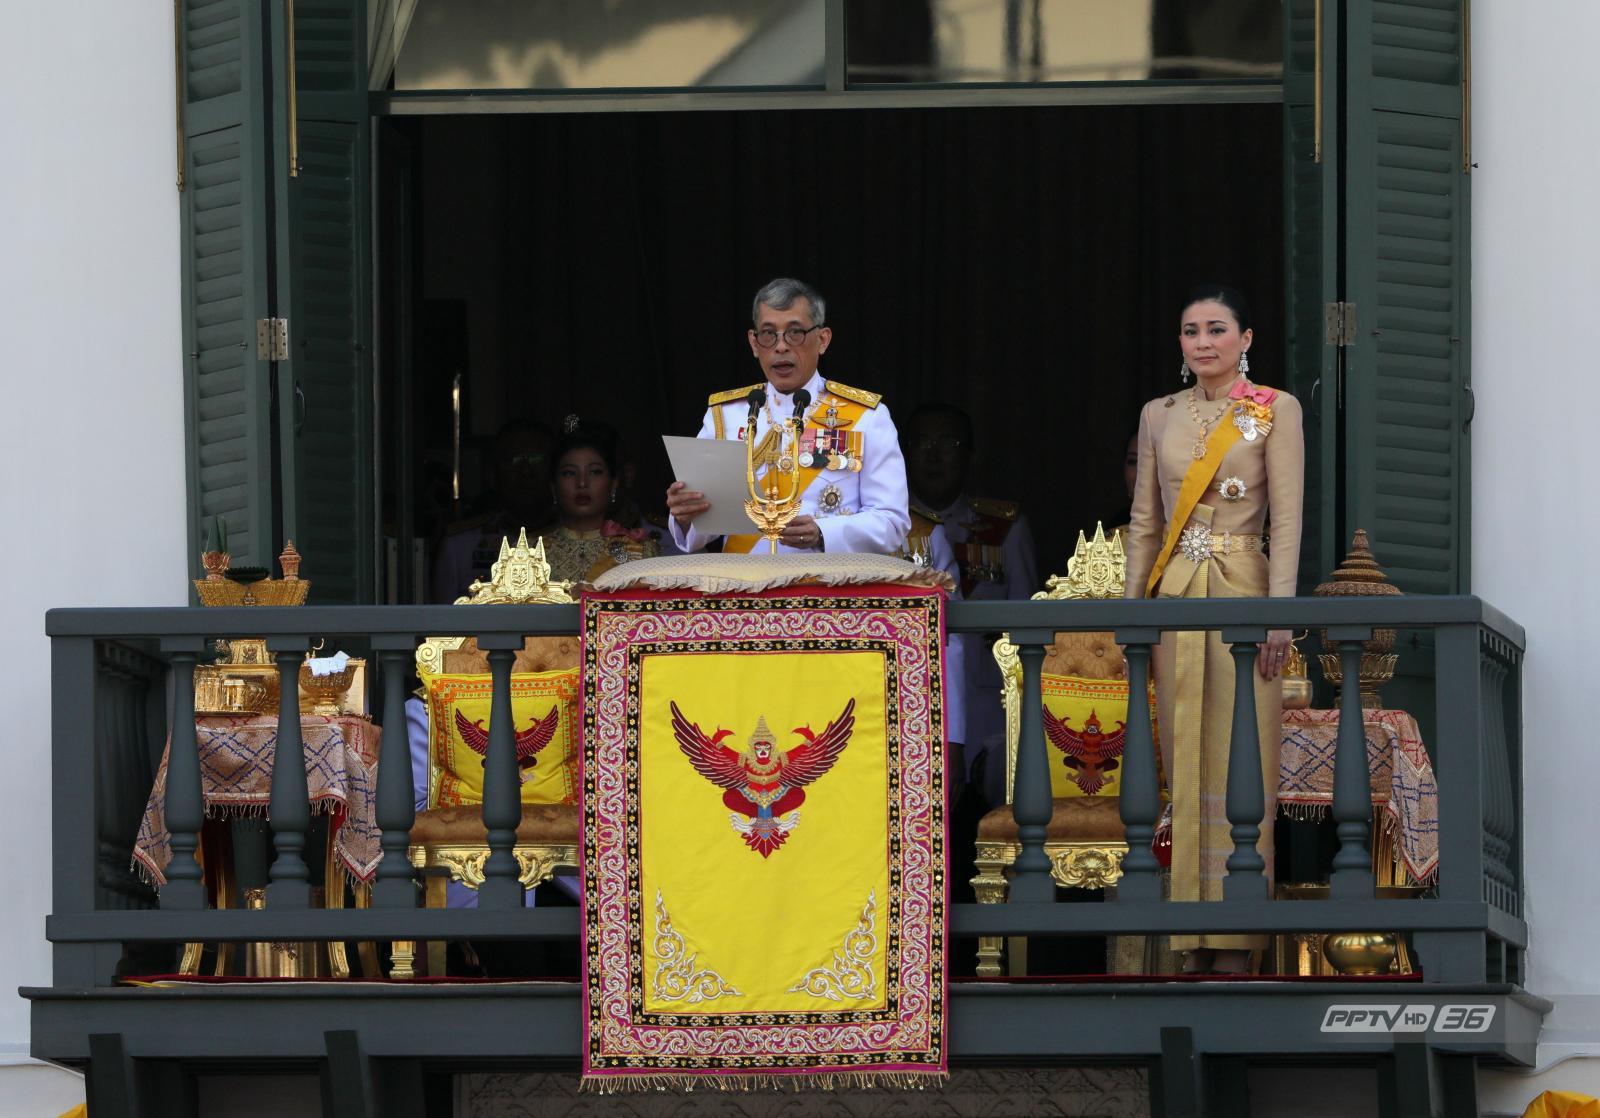 พระราชดำรัส พระบาทสมเด็จพระวชิรเกล้าเจ้าอยู่หัว ในการเสด็จออก ณ สีหบัญชร พระที่นั่งสุทไธสวรรย์ปราสาท